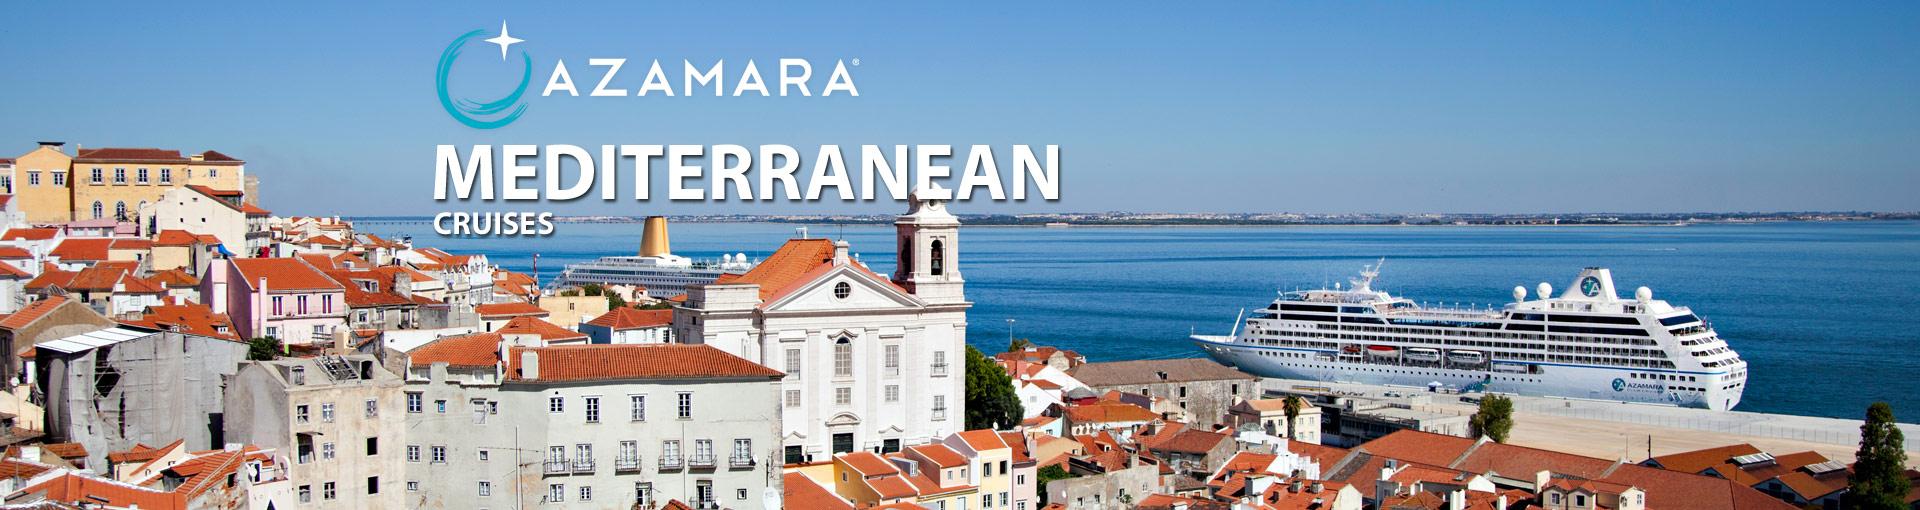 Azamara Mediterranean Cruises, 2019 and 2020 Mediterranean Azamara